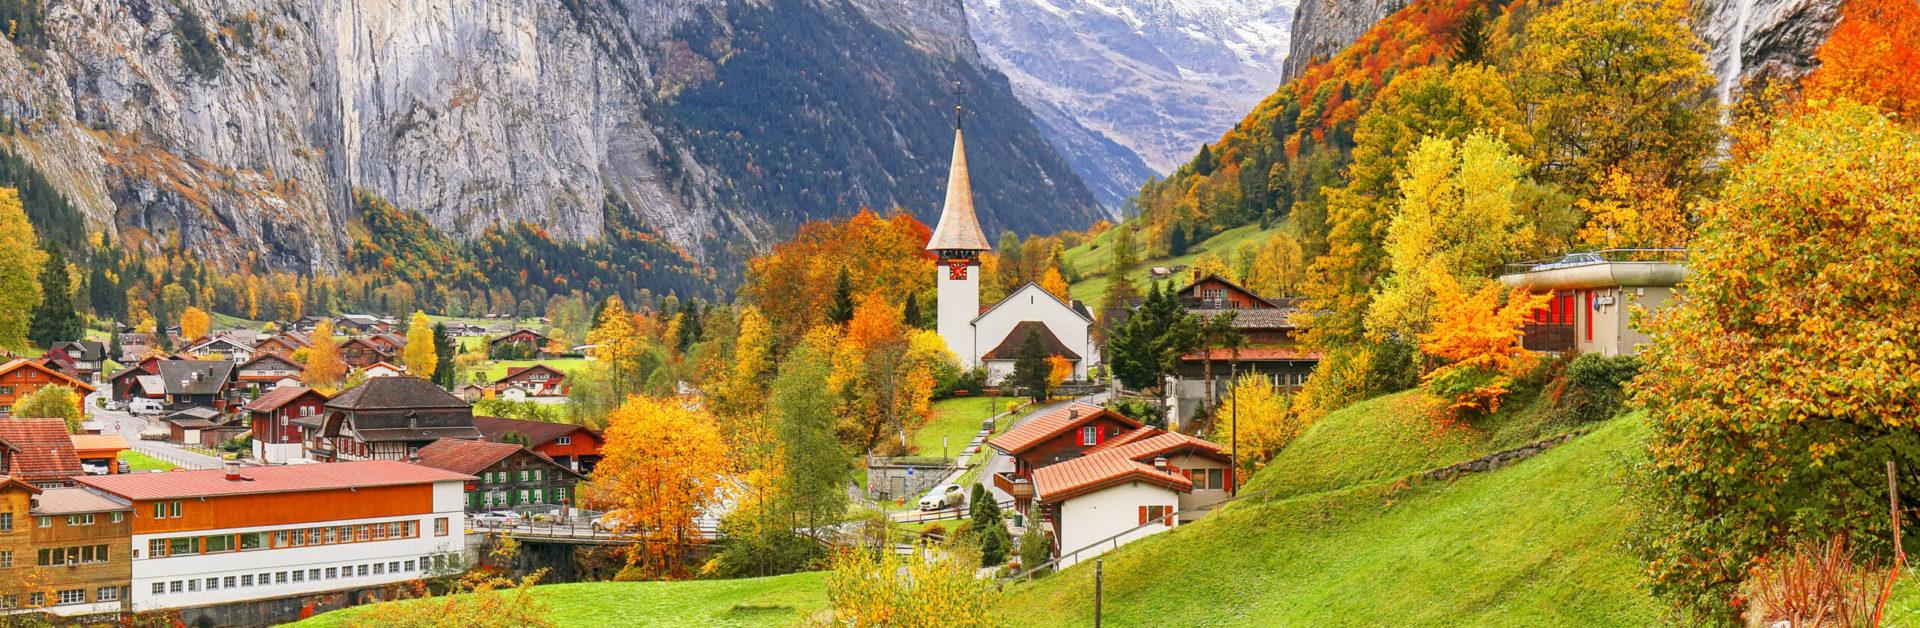 Voyage en groupe dans la Vallée de Lauterbrunnen